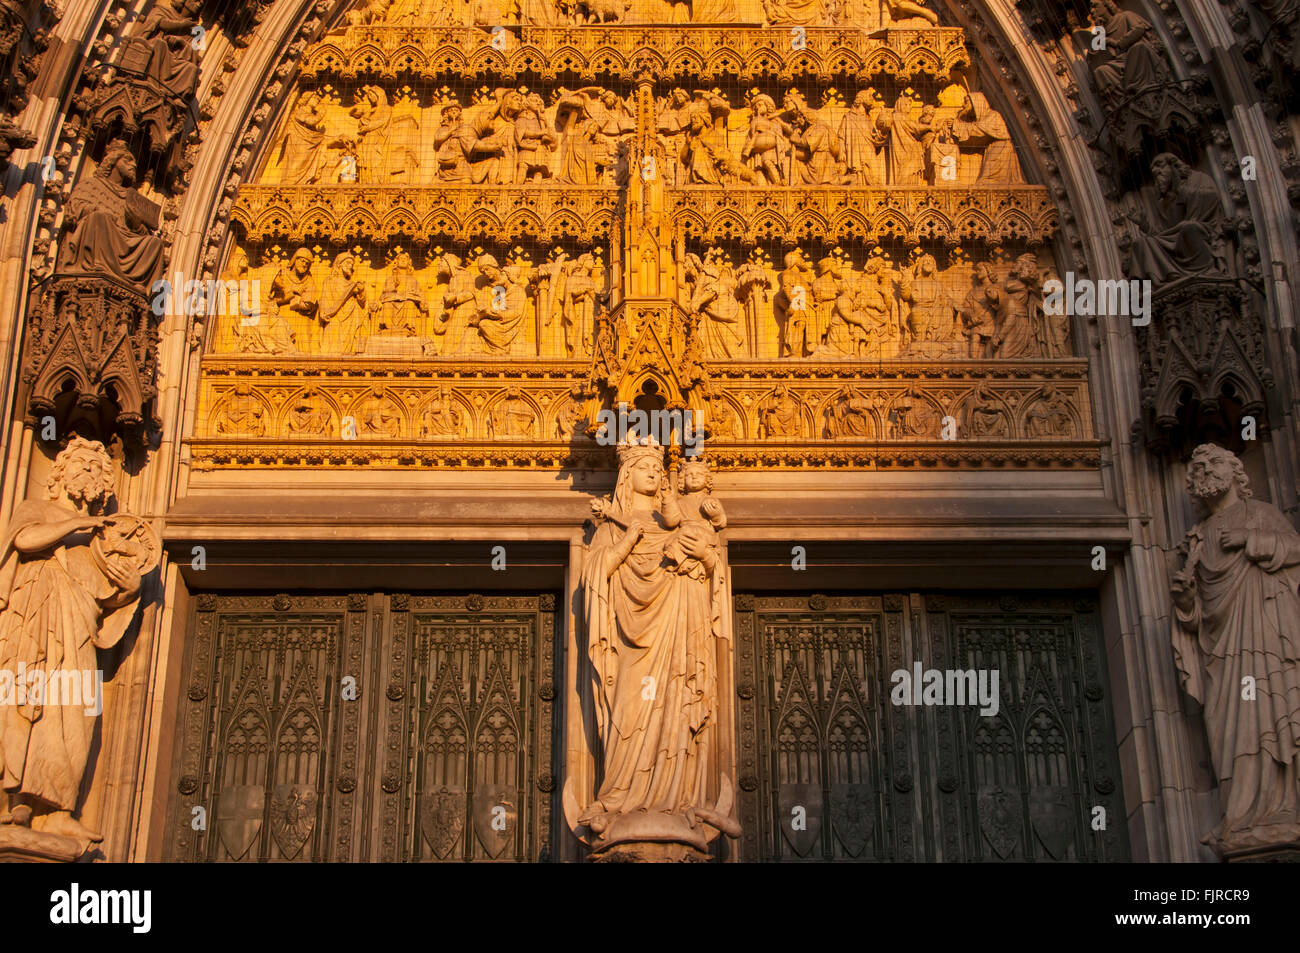 Geographie/Reisen, Deutschland, Köln, Kirchen, Hauptportal der Westfassade der Kölner Dom, Außenansicht, Additional Stockfoto